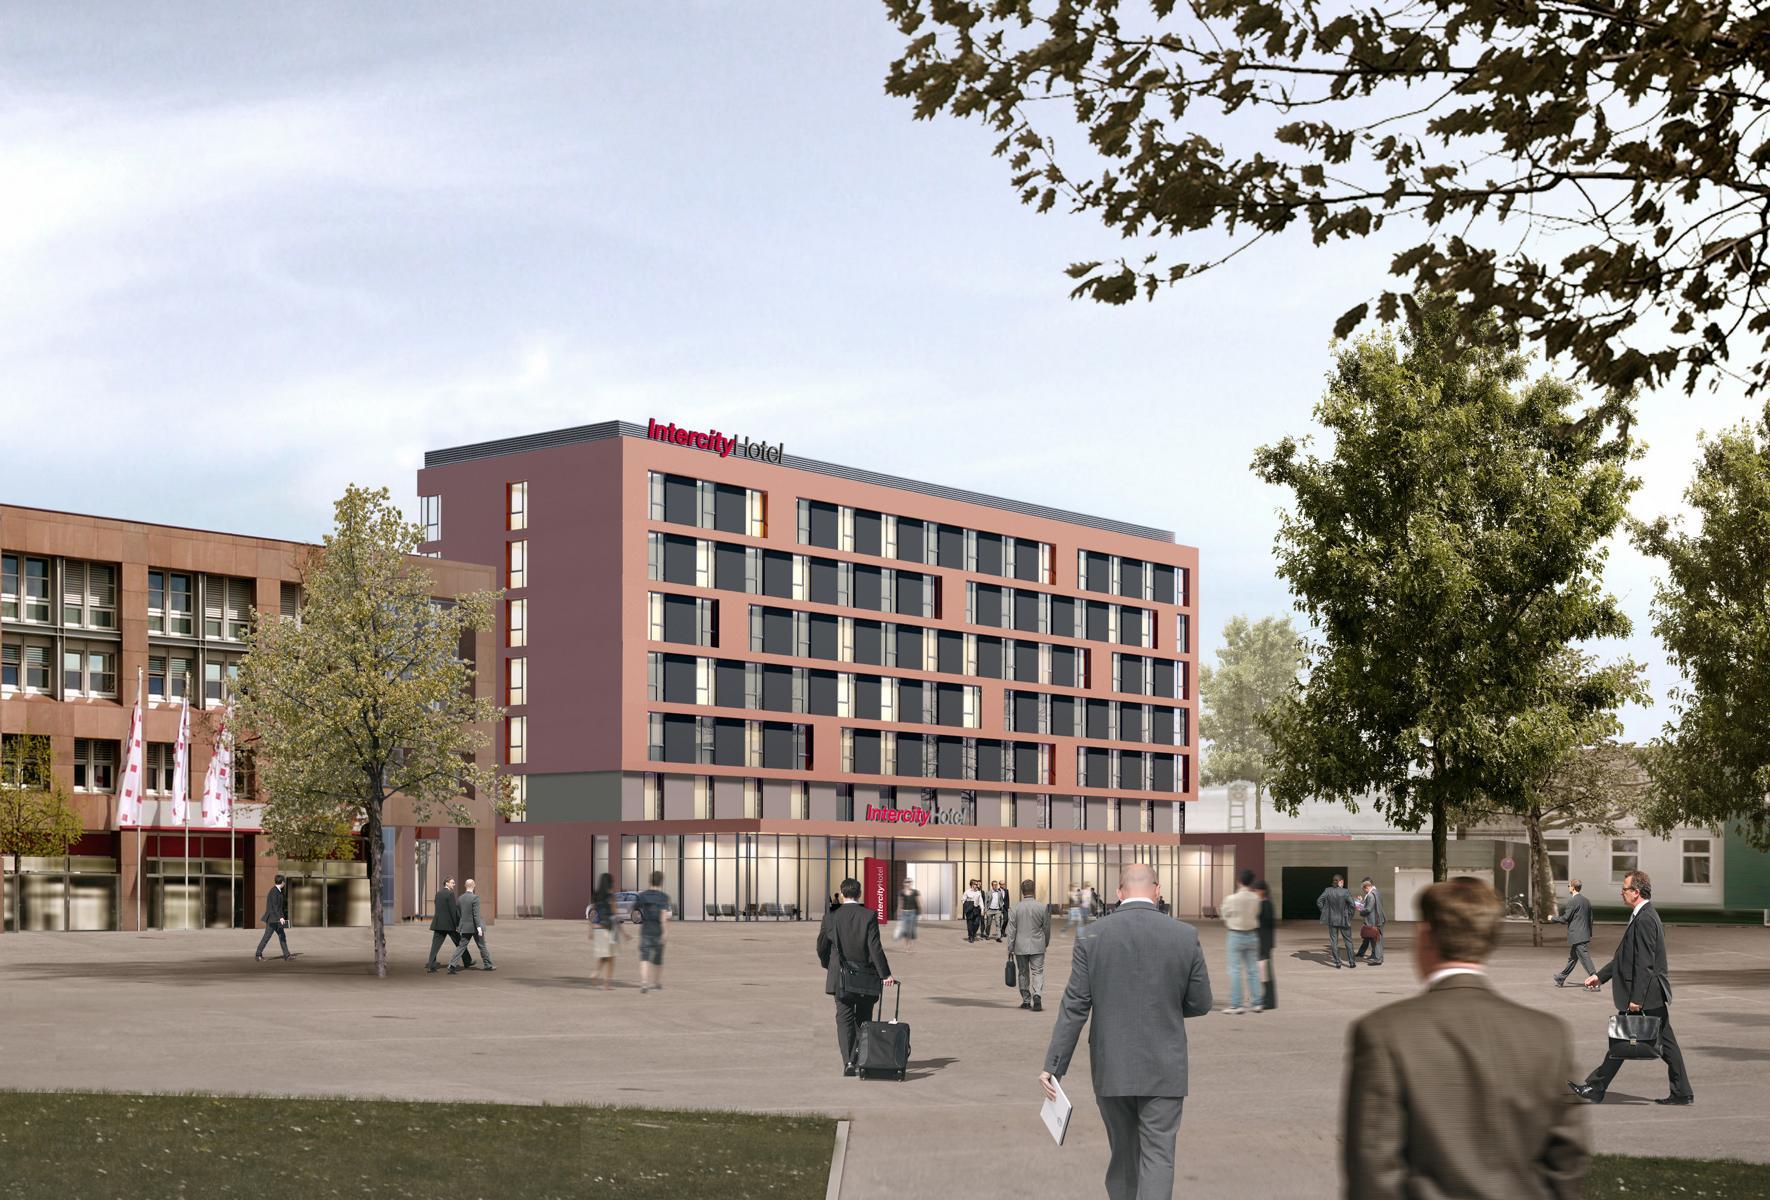 K1600_003_ICHotel Braunschweig